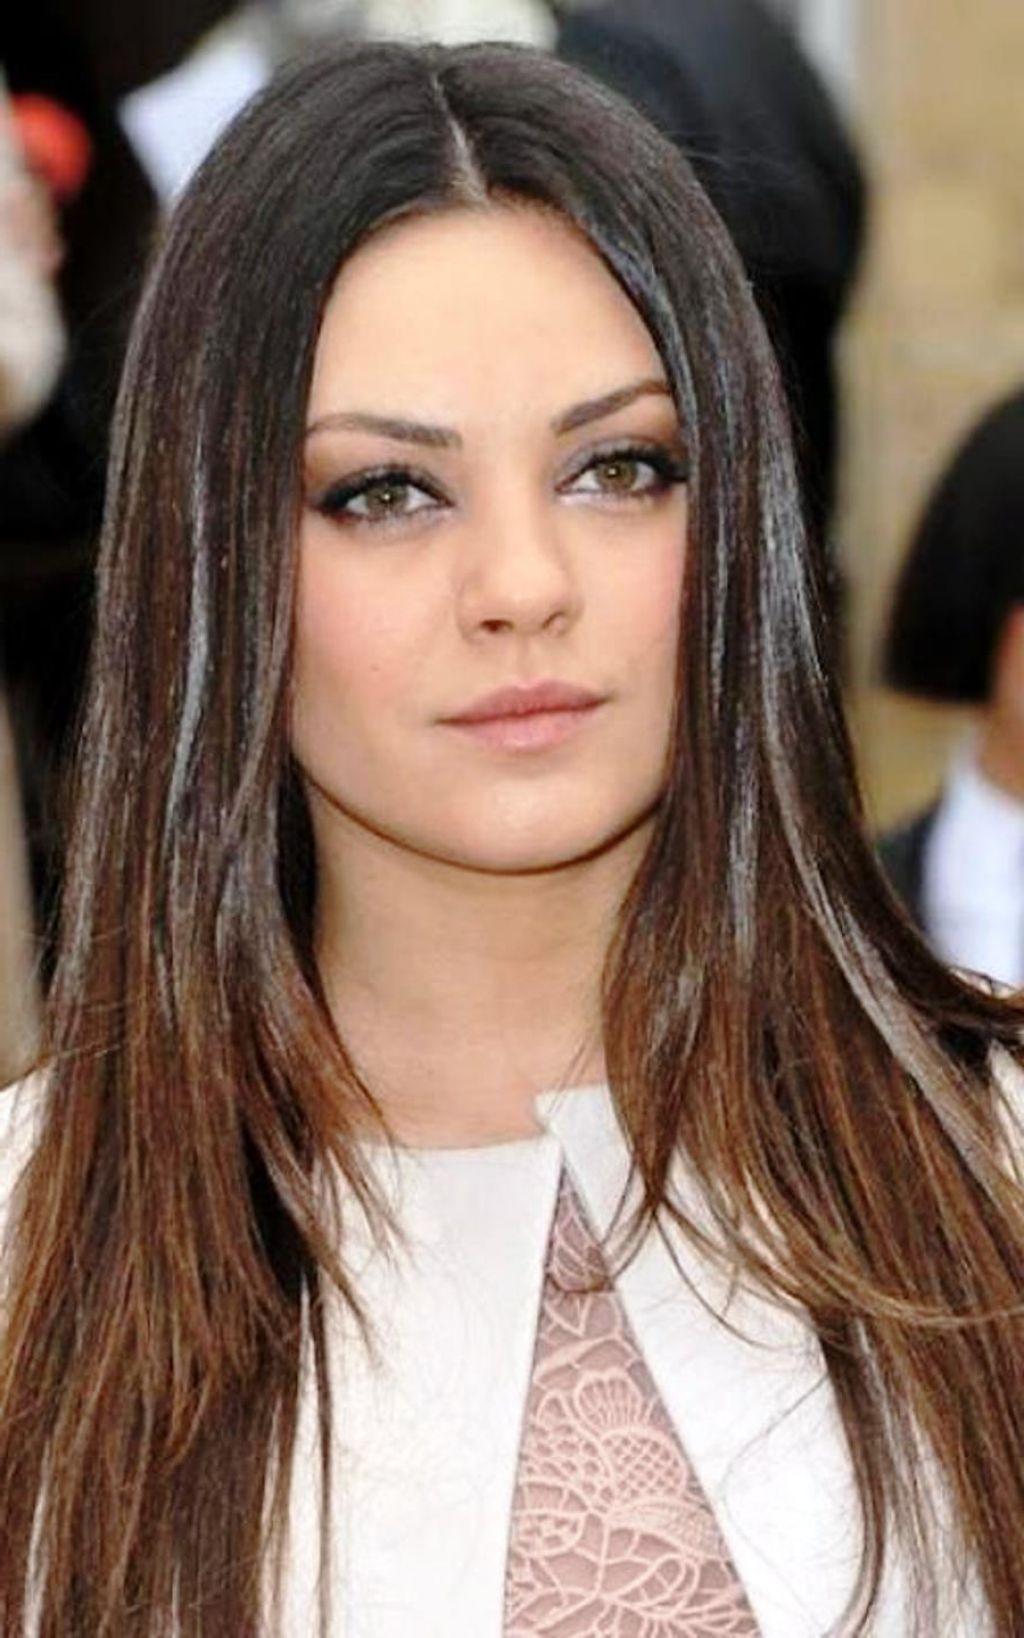 Haarschnitt Für Lange Haare Für Rundes Gesicht Der Haarschnitt Für